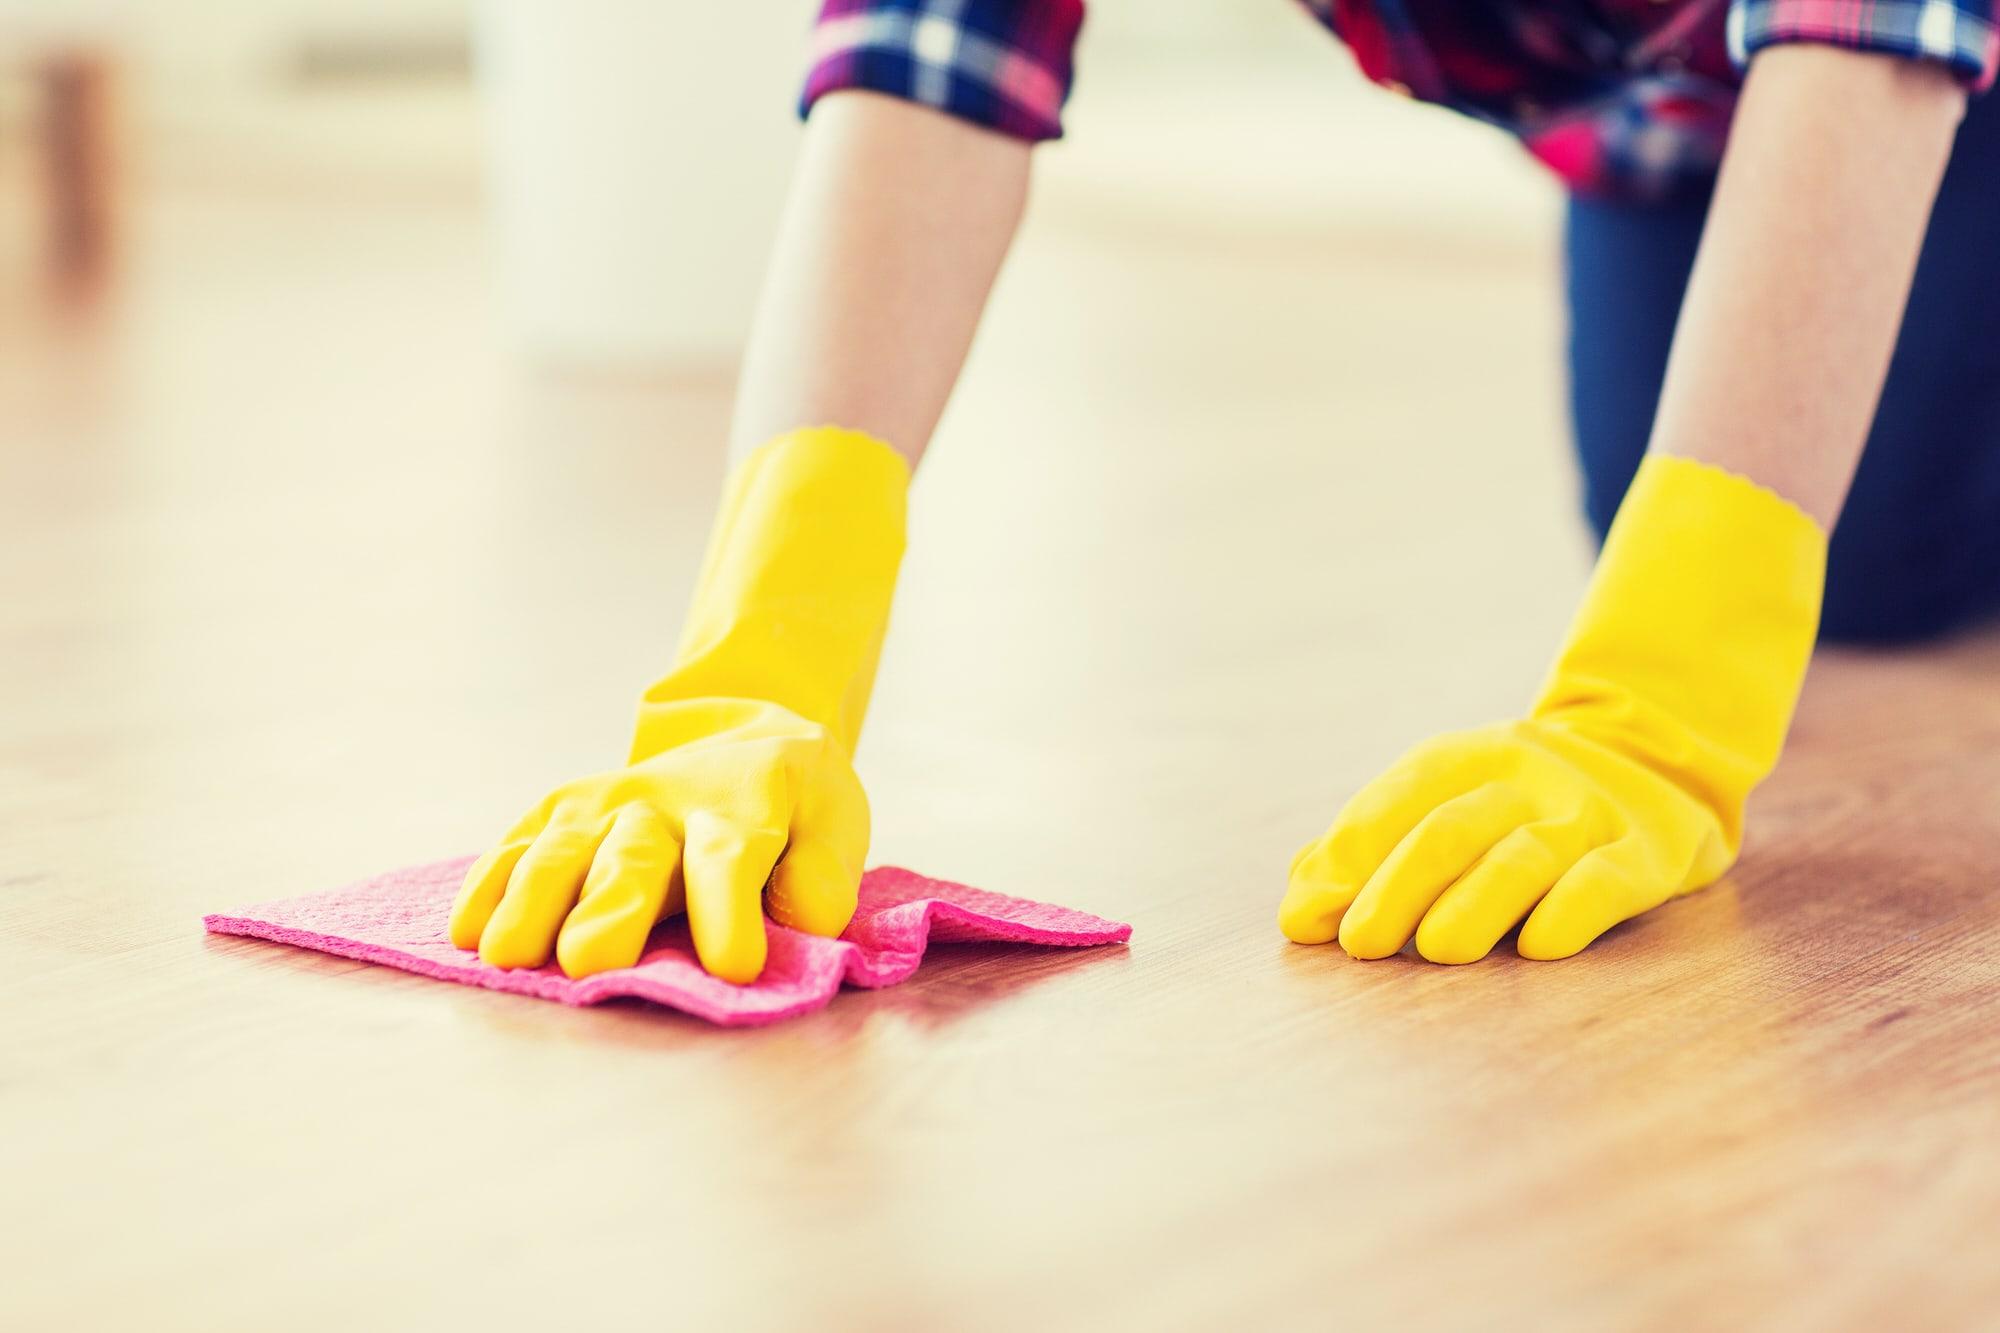 katzenurin entfernen das hilft gegen geruch und flecken smart animals. Black Bedroom Furniture Sets. Home Design Ideas